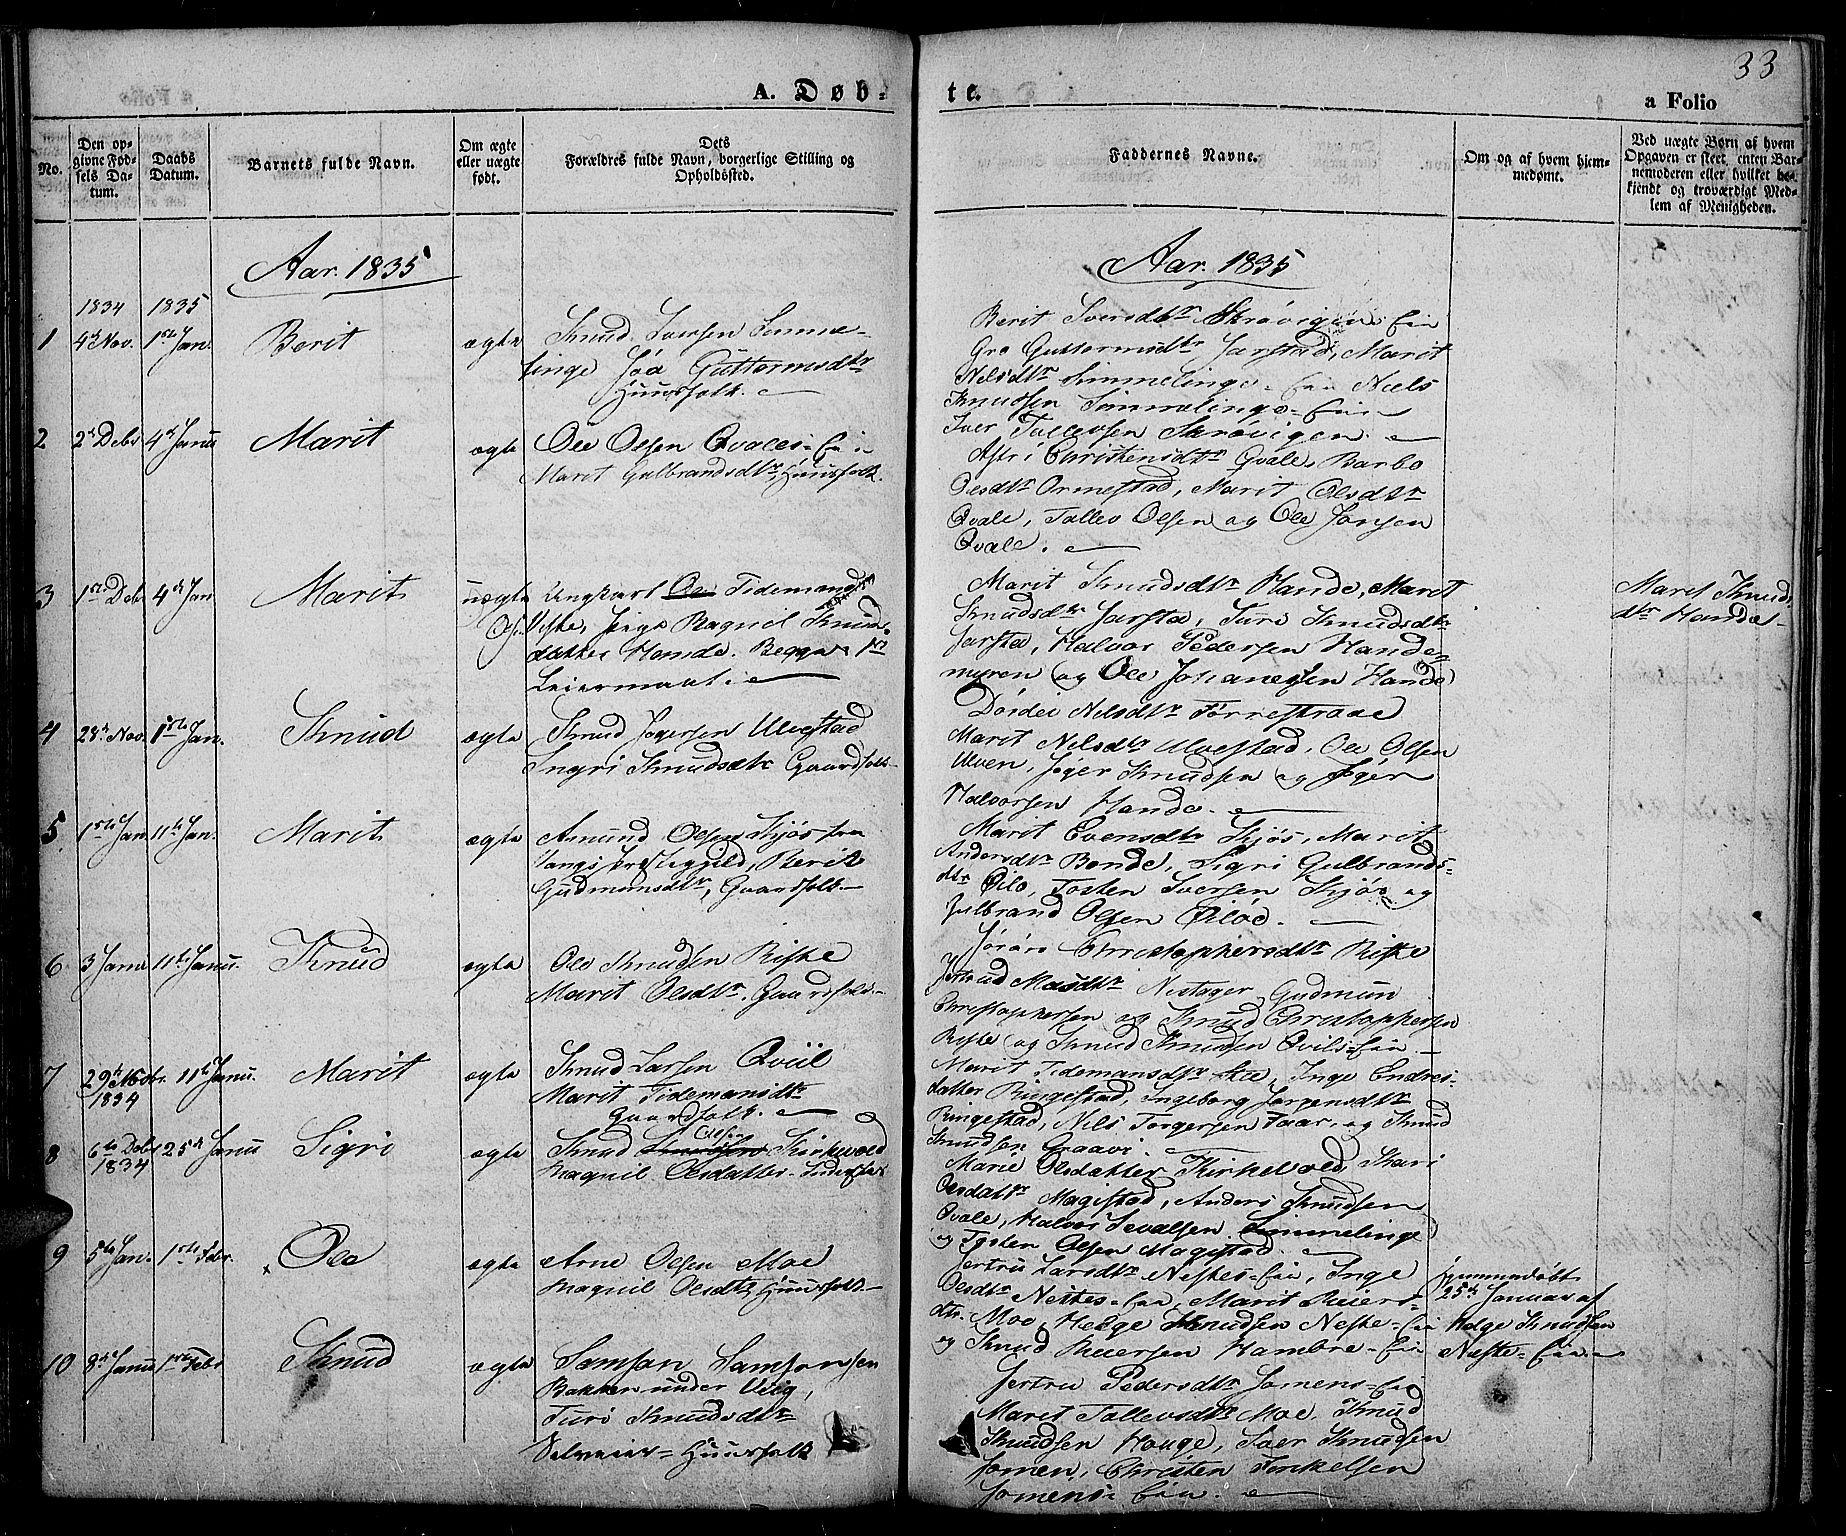 SAH, Slidre prestekontor, Ministerialbok nr. 3, 1831-1843, s. 33